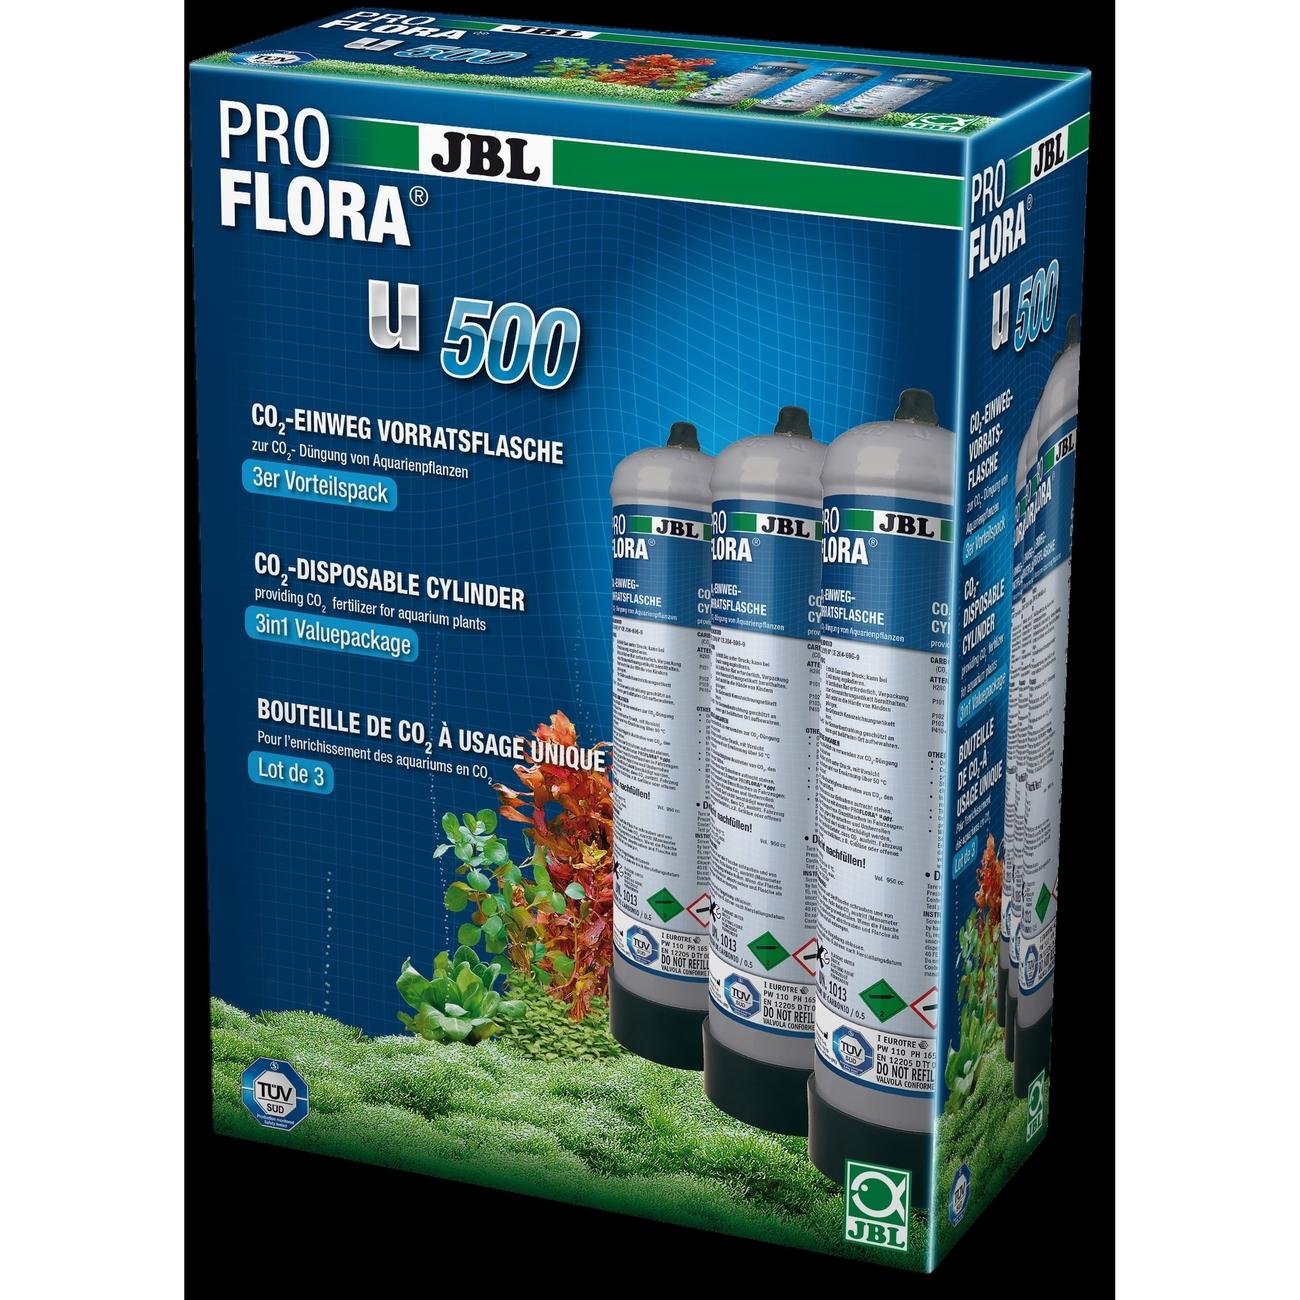 JBL ProFlora u500 (CO2-Einweg-Vorratsflasche), Bild 2